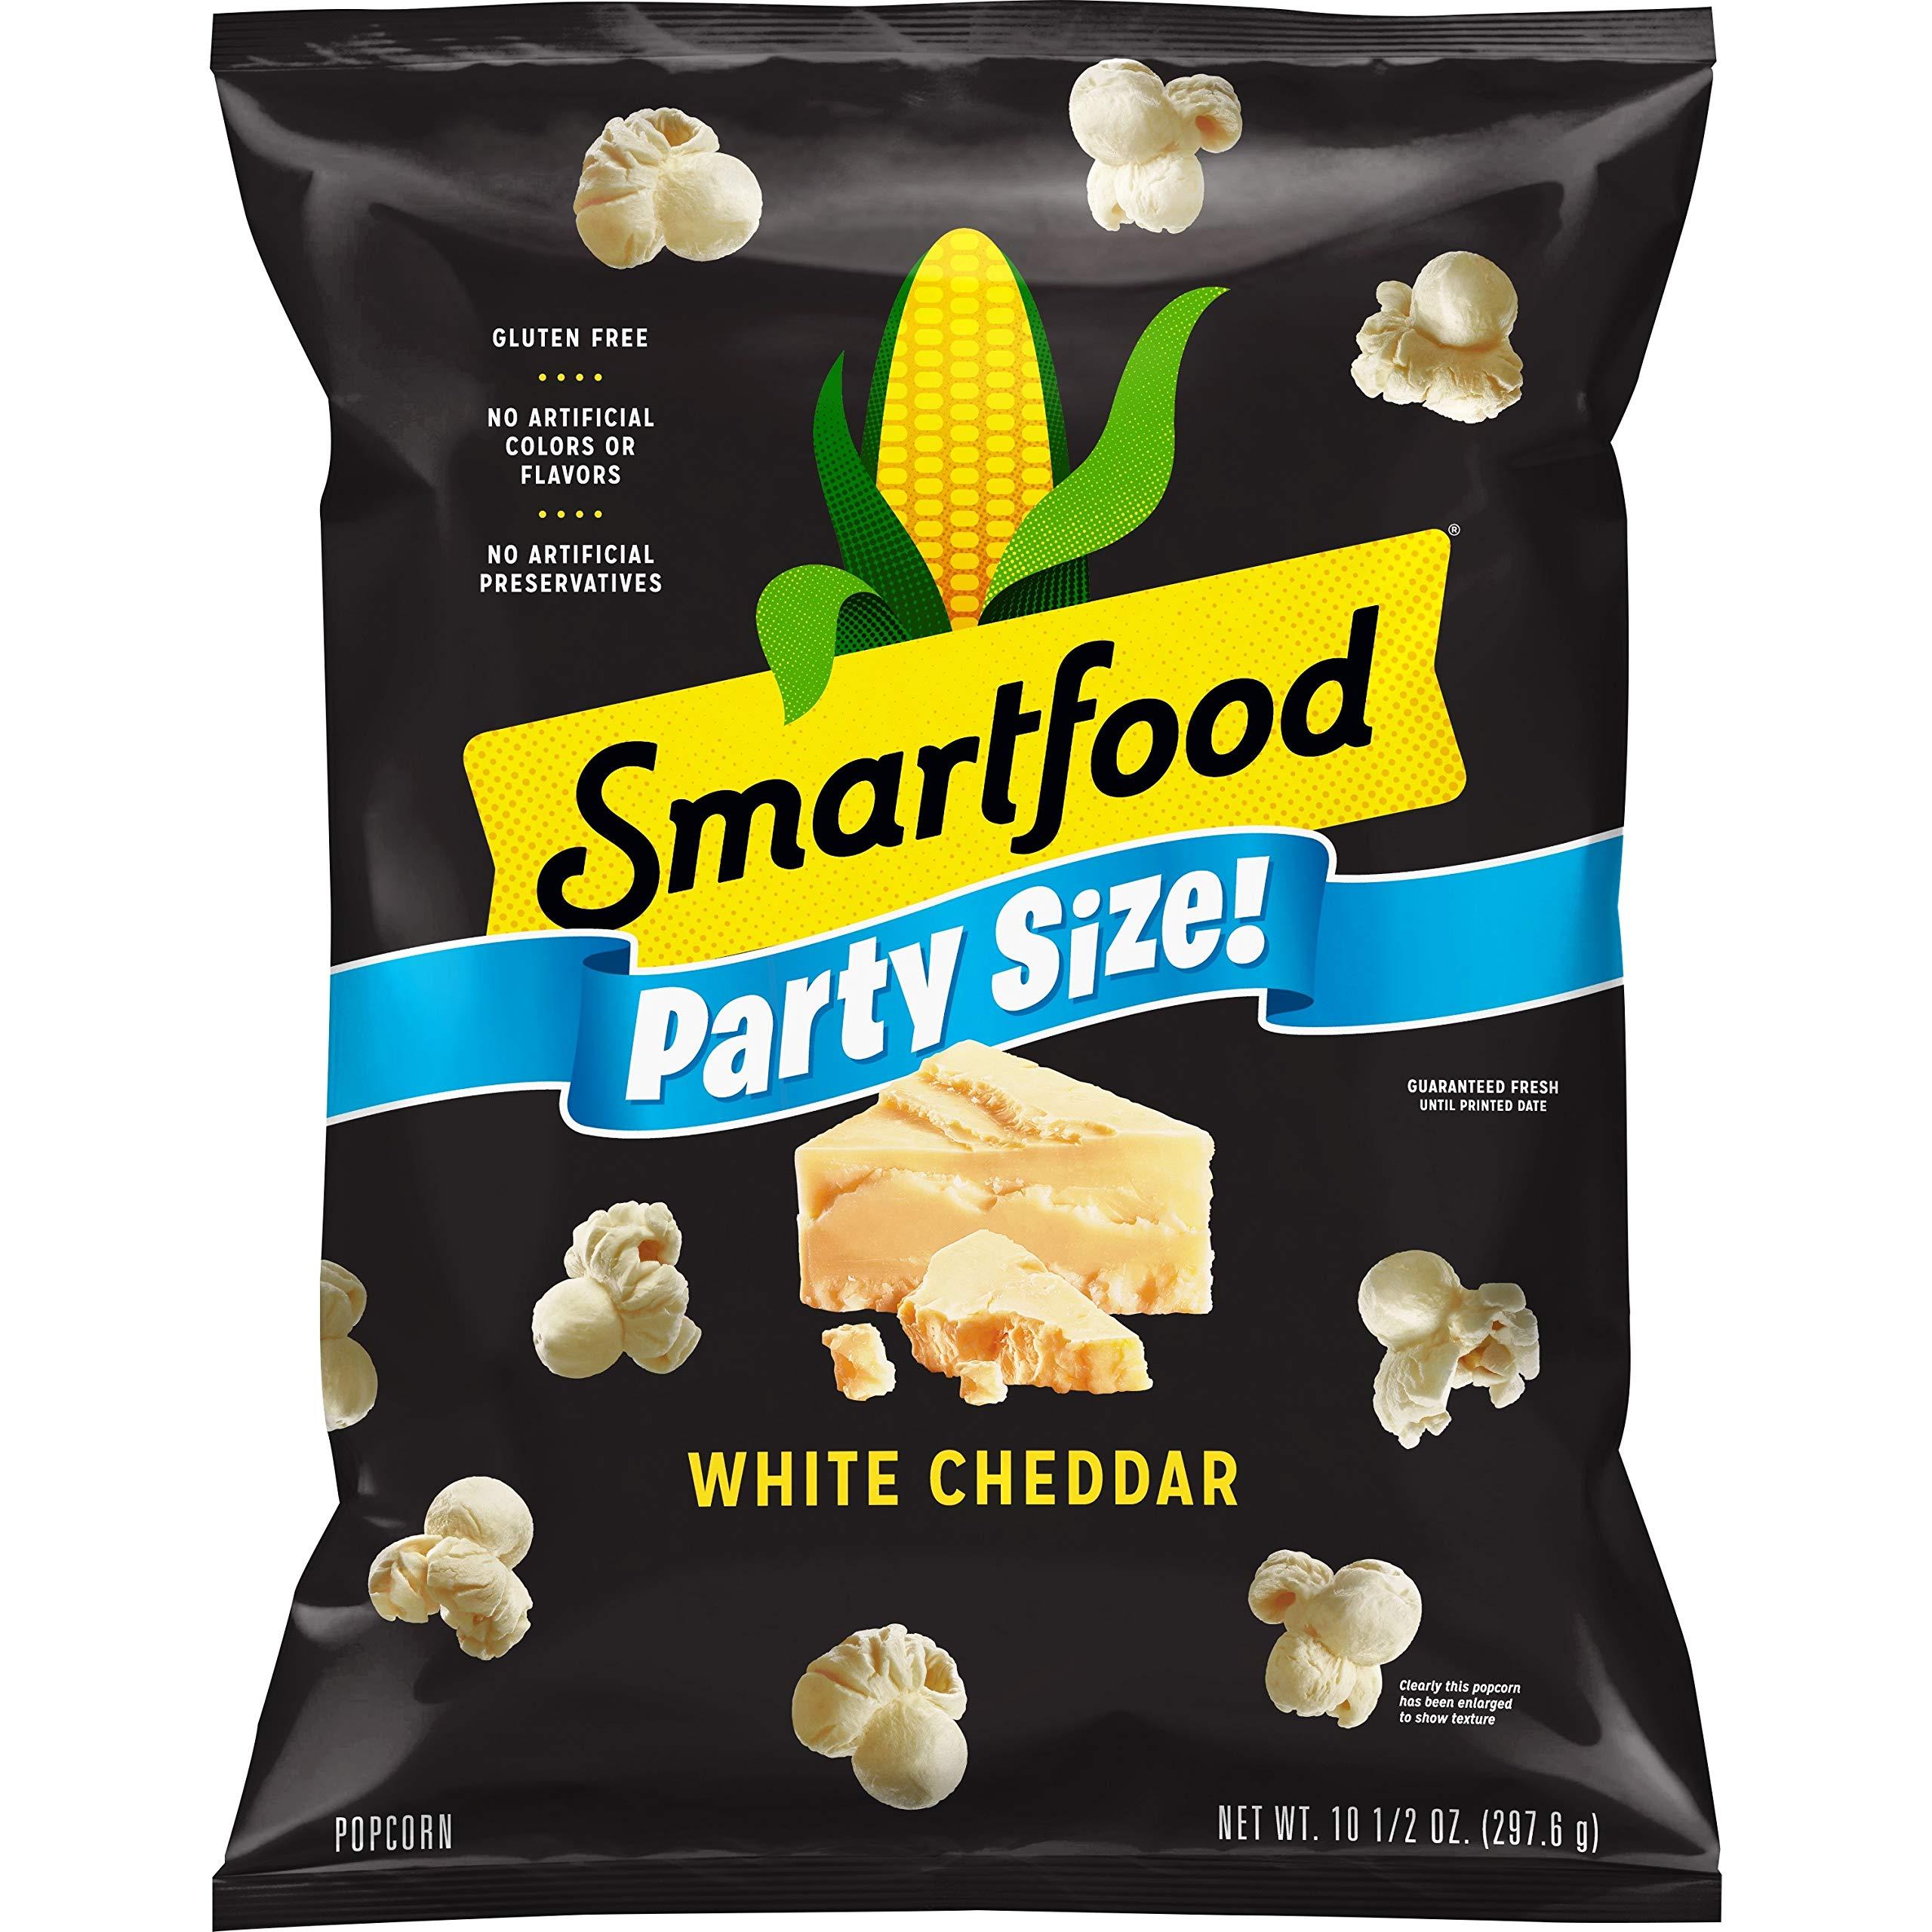 Smartfood White Cheddar Flavored Popcorn, Party Size! 10.5oz Bag